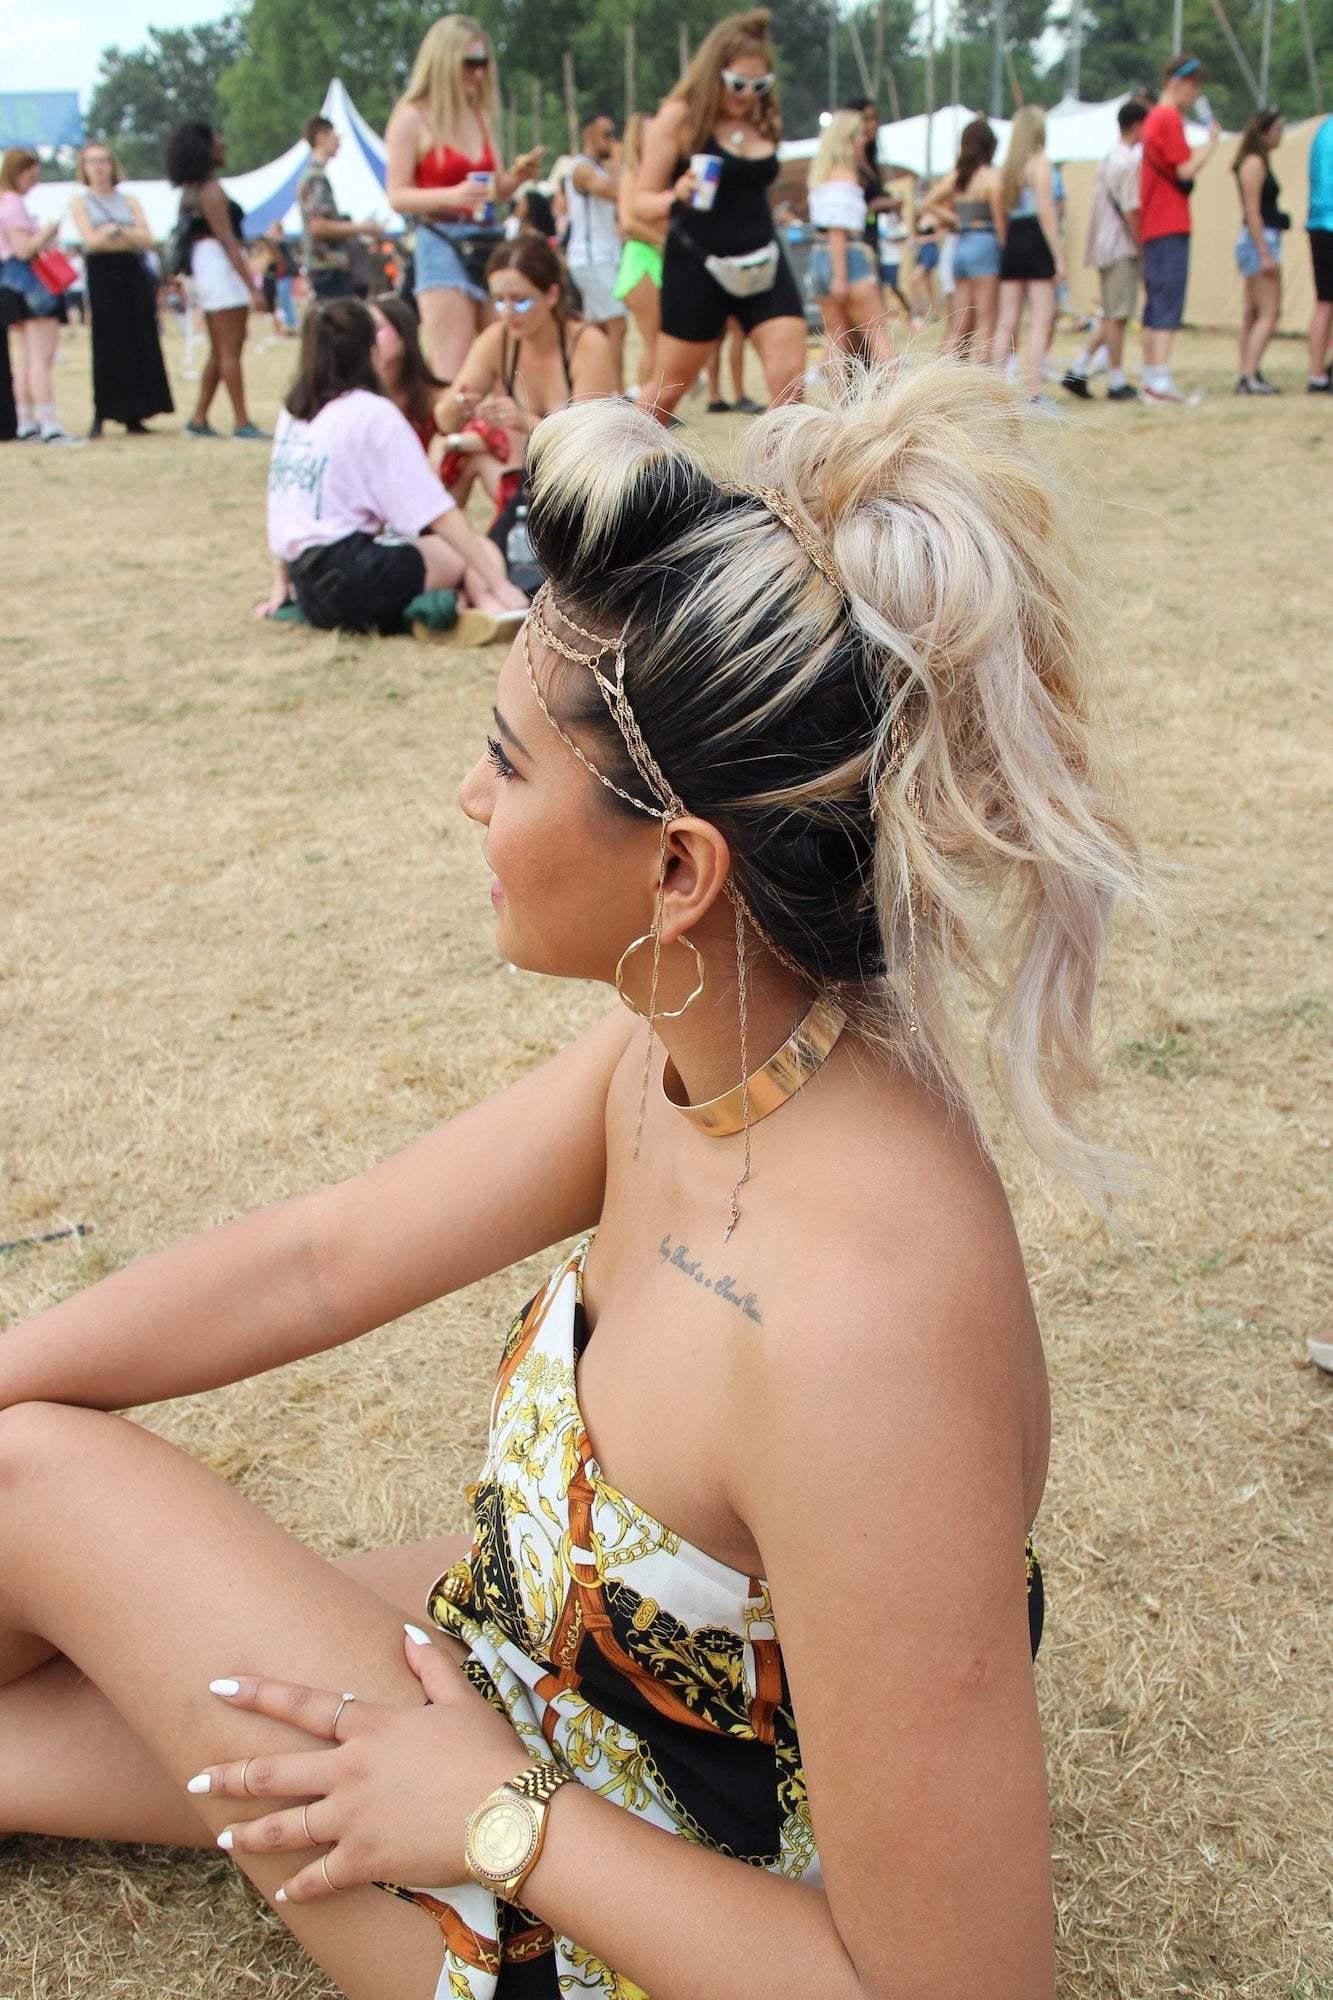 Aksesoris mahkota rantai atau chain crown gaya rambut festival.